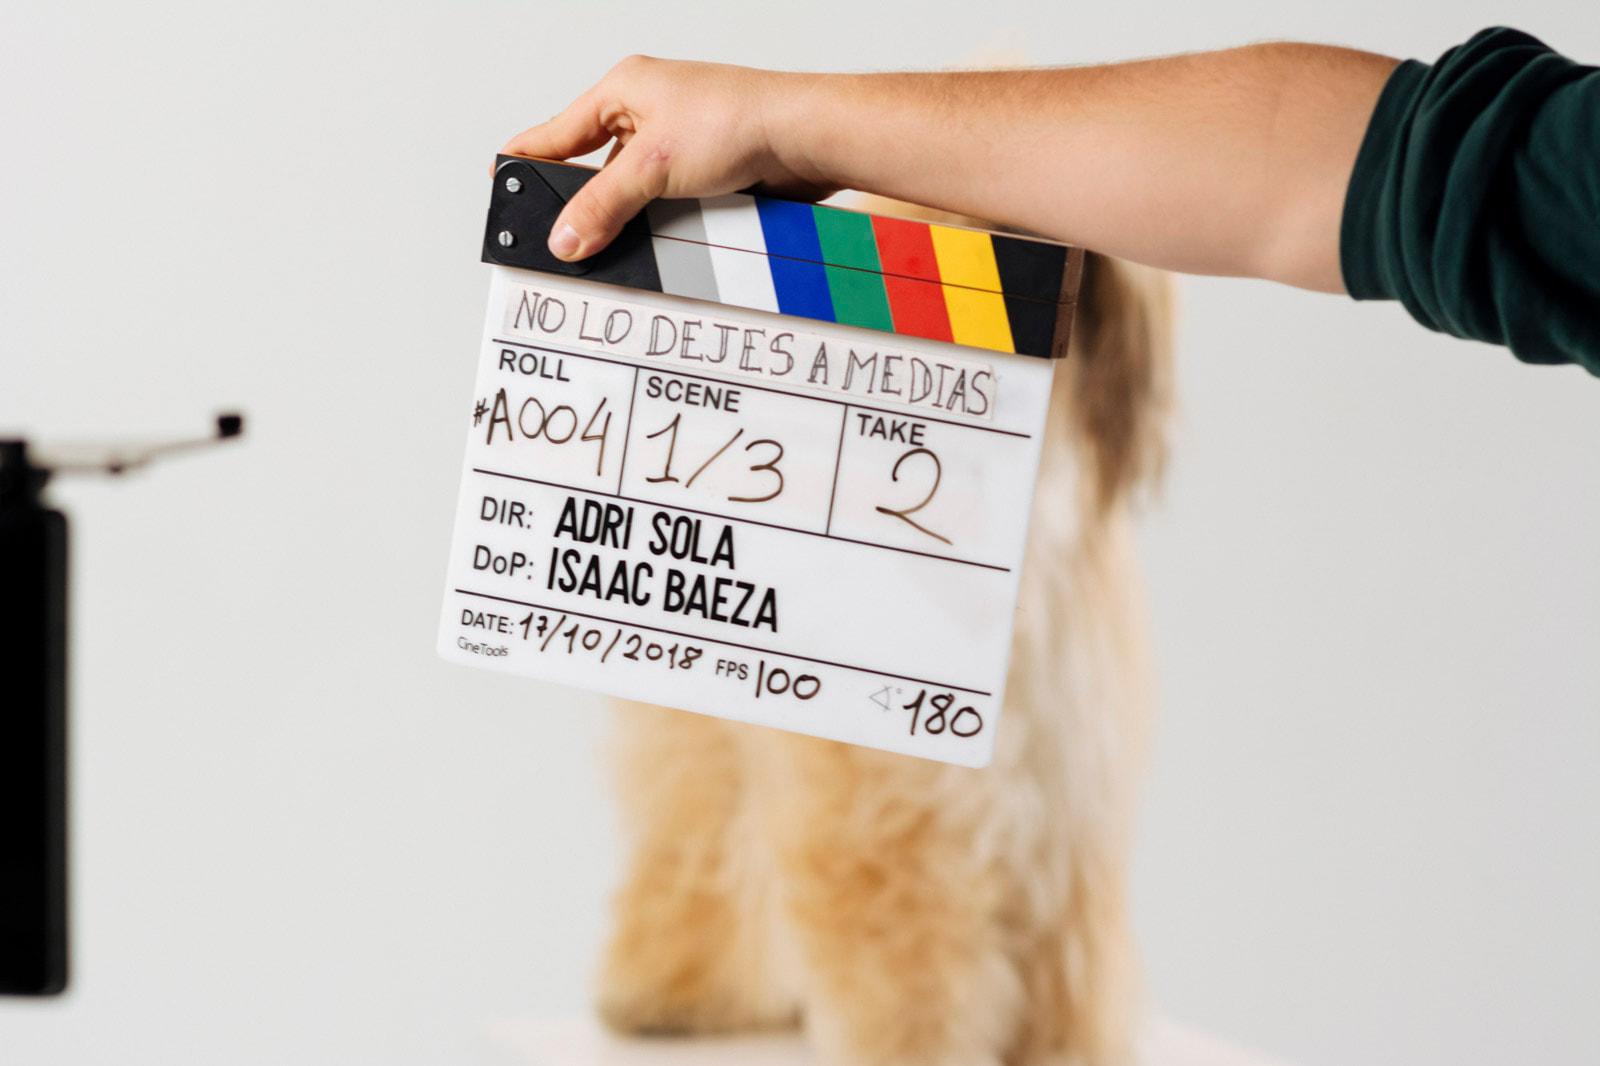 Fotógrafo corporativo - Behind the scenes – No lo dejes a medias